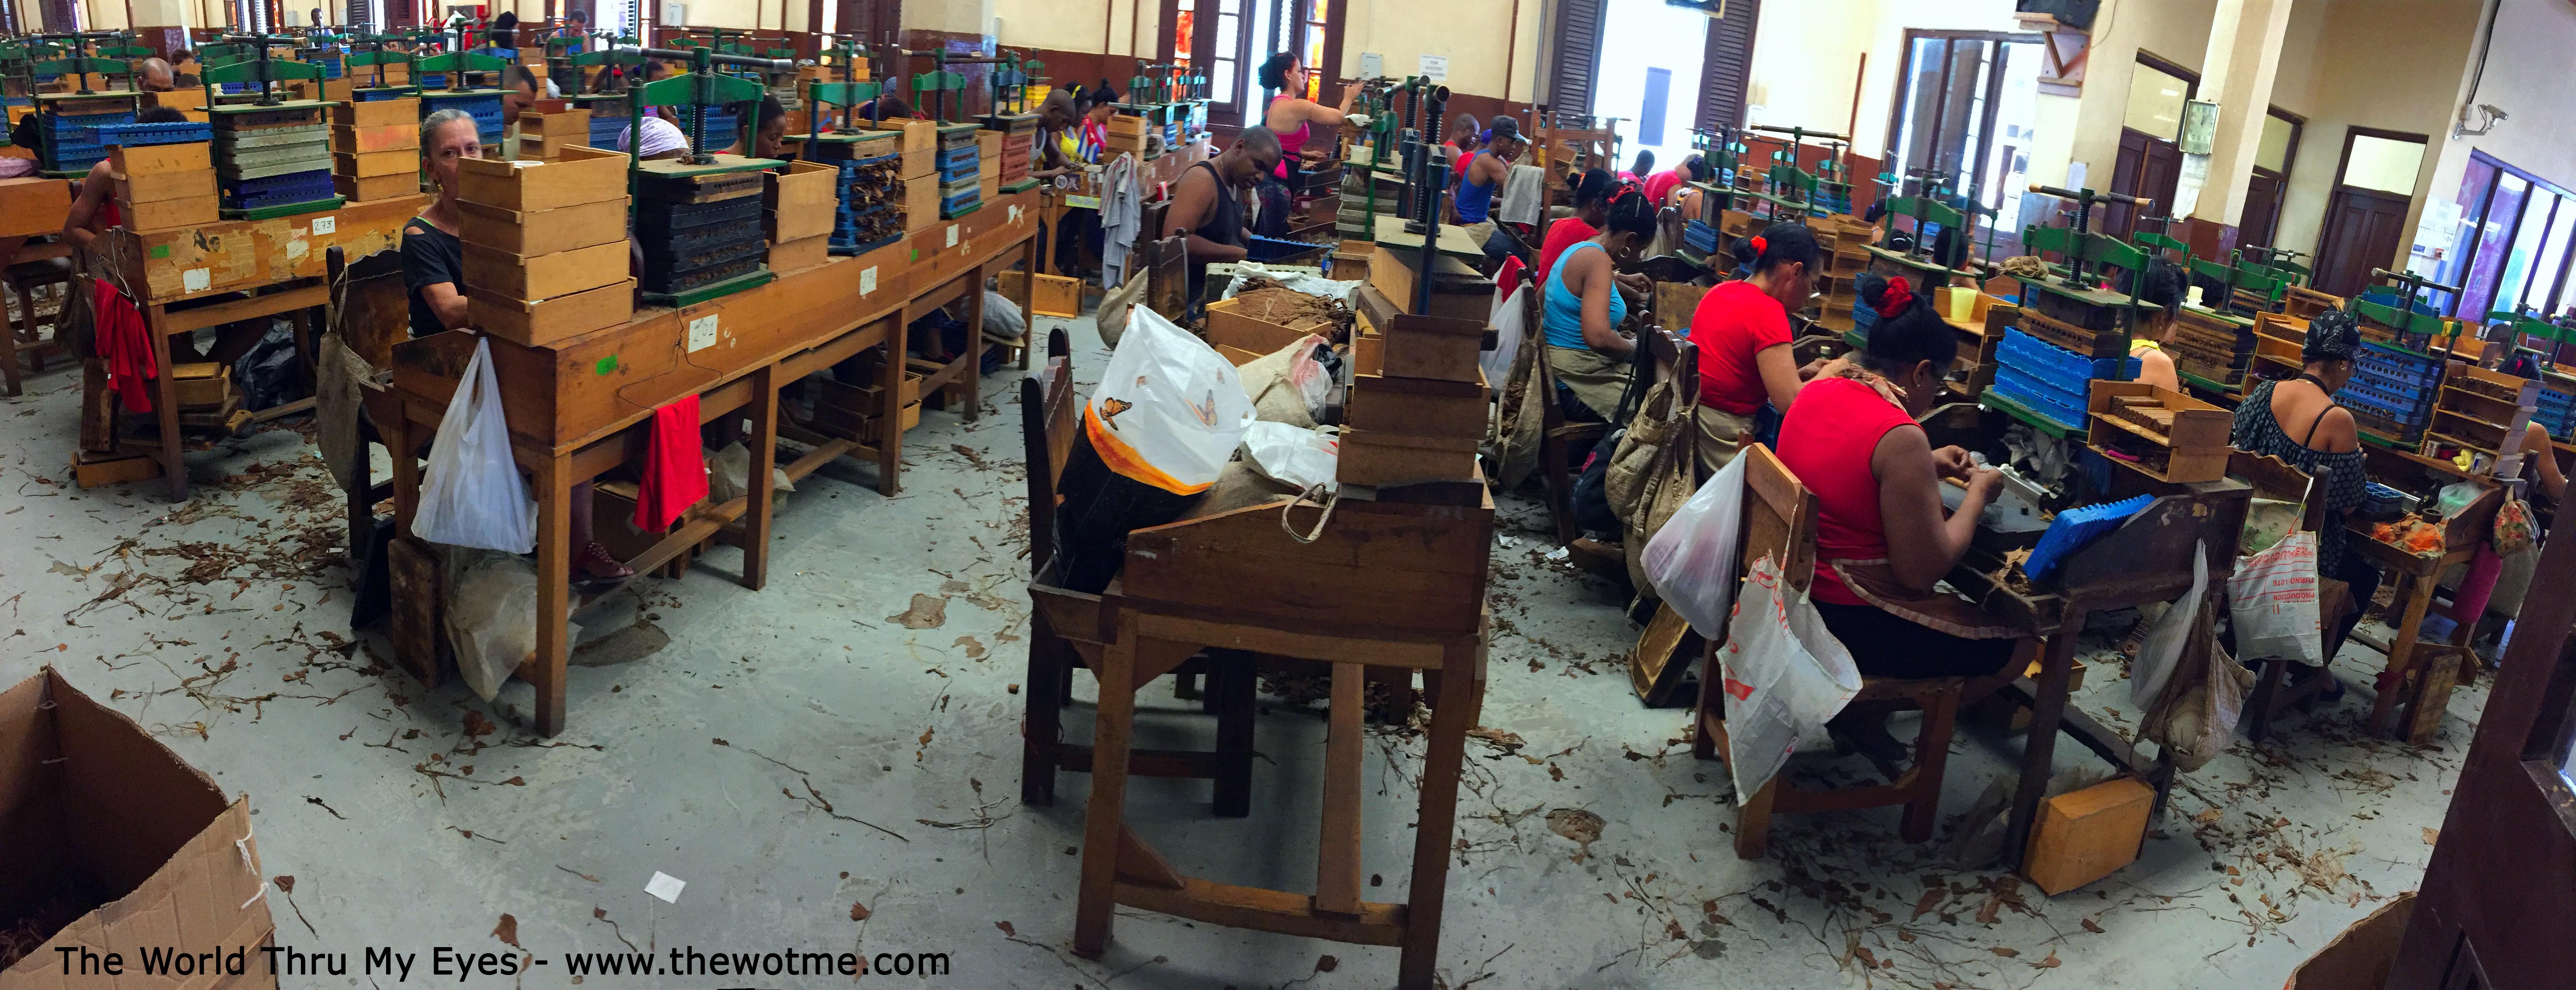 visita a la fábrica de puros de La Habana: Fabrica de Puros de La Habana en Cuba fábrica de puros de la habana - 25726652634 b904d43e27 o - Visita a la fábrica de puros de La Habana en Cuba